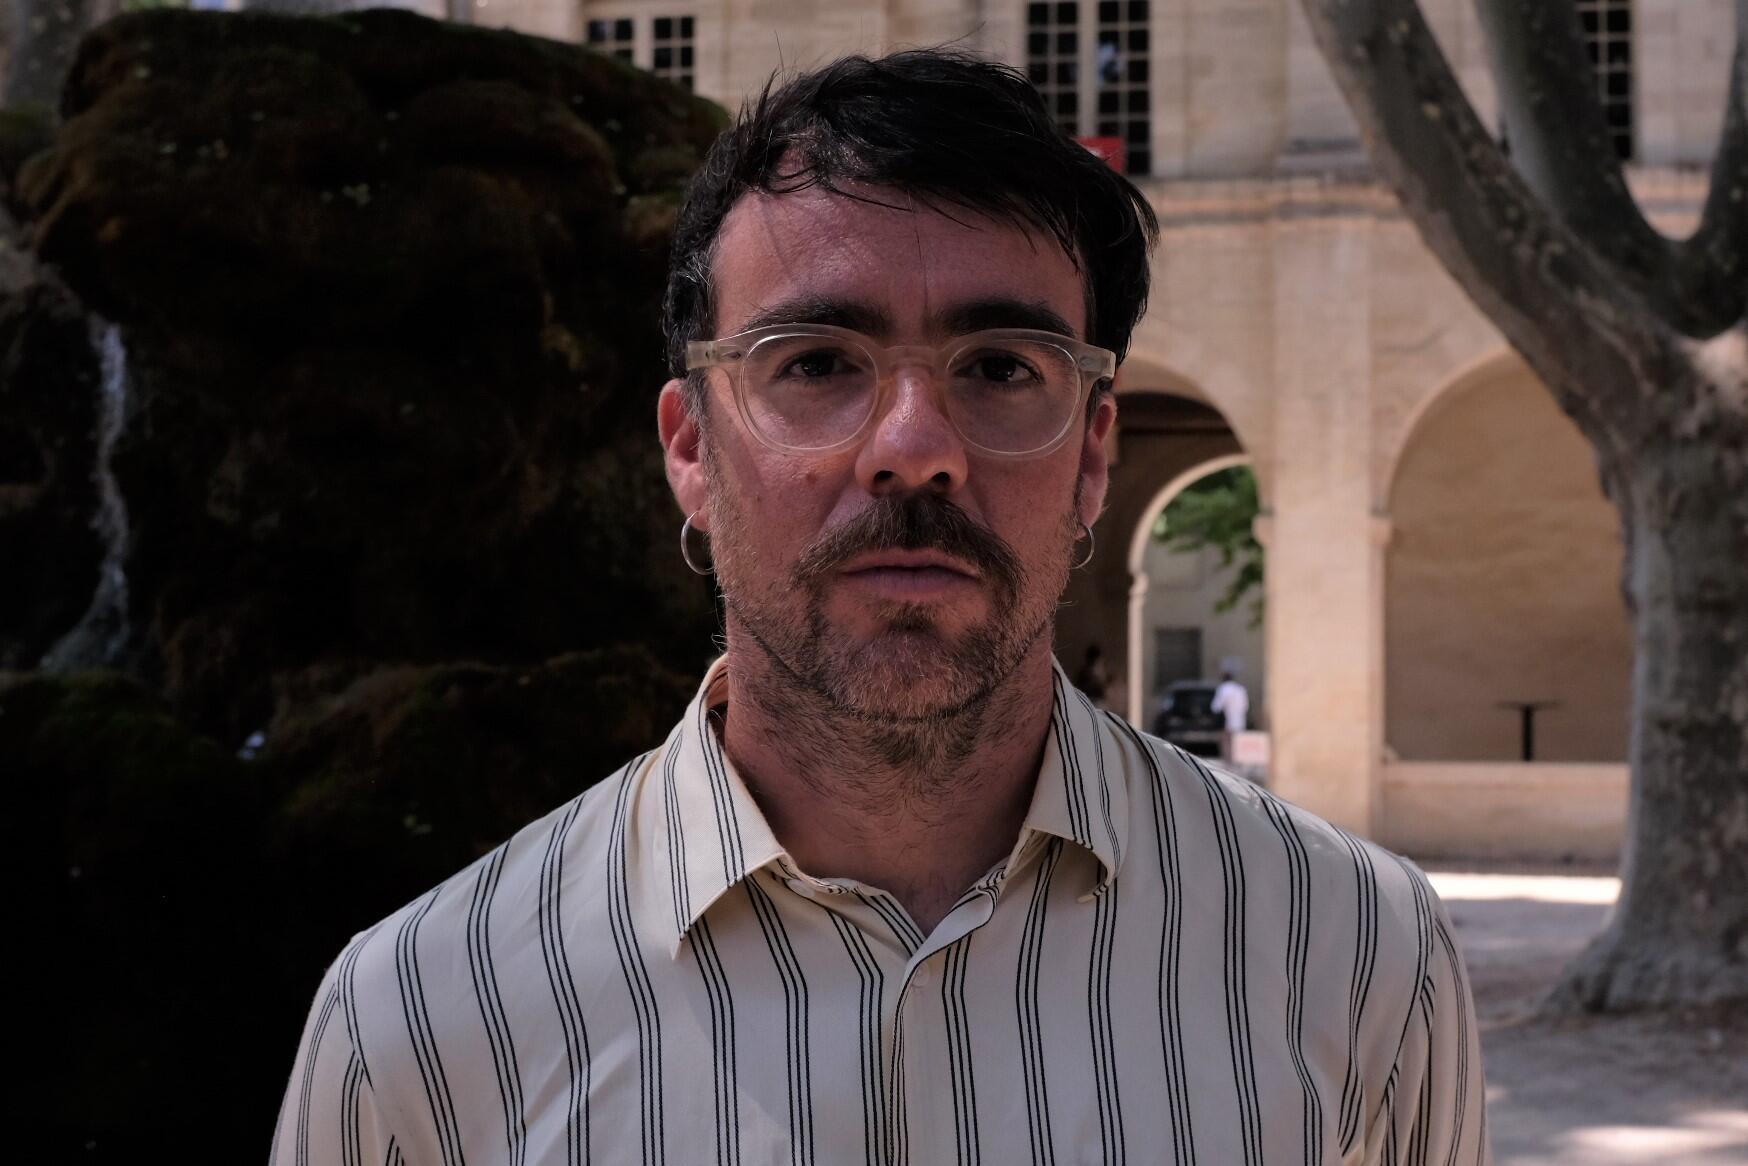 Le chorégraphe espagnol Marcos Morau après la première de « Sonoma » dans la Cour d'honneur du Palais des papes au Festival d'Avignon 2021.  © Siegfried Forster / RFI